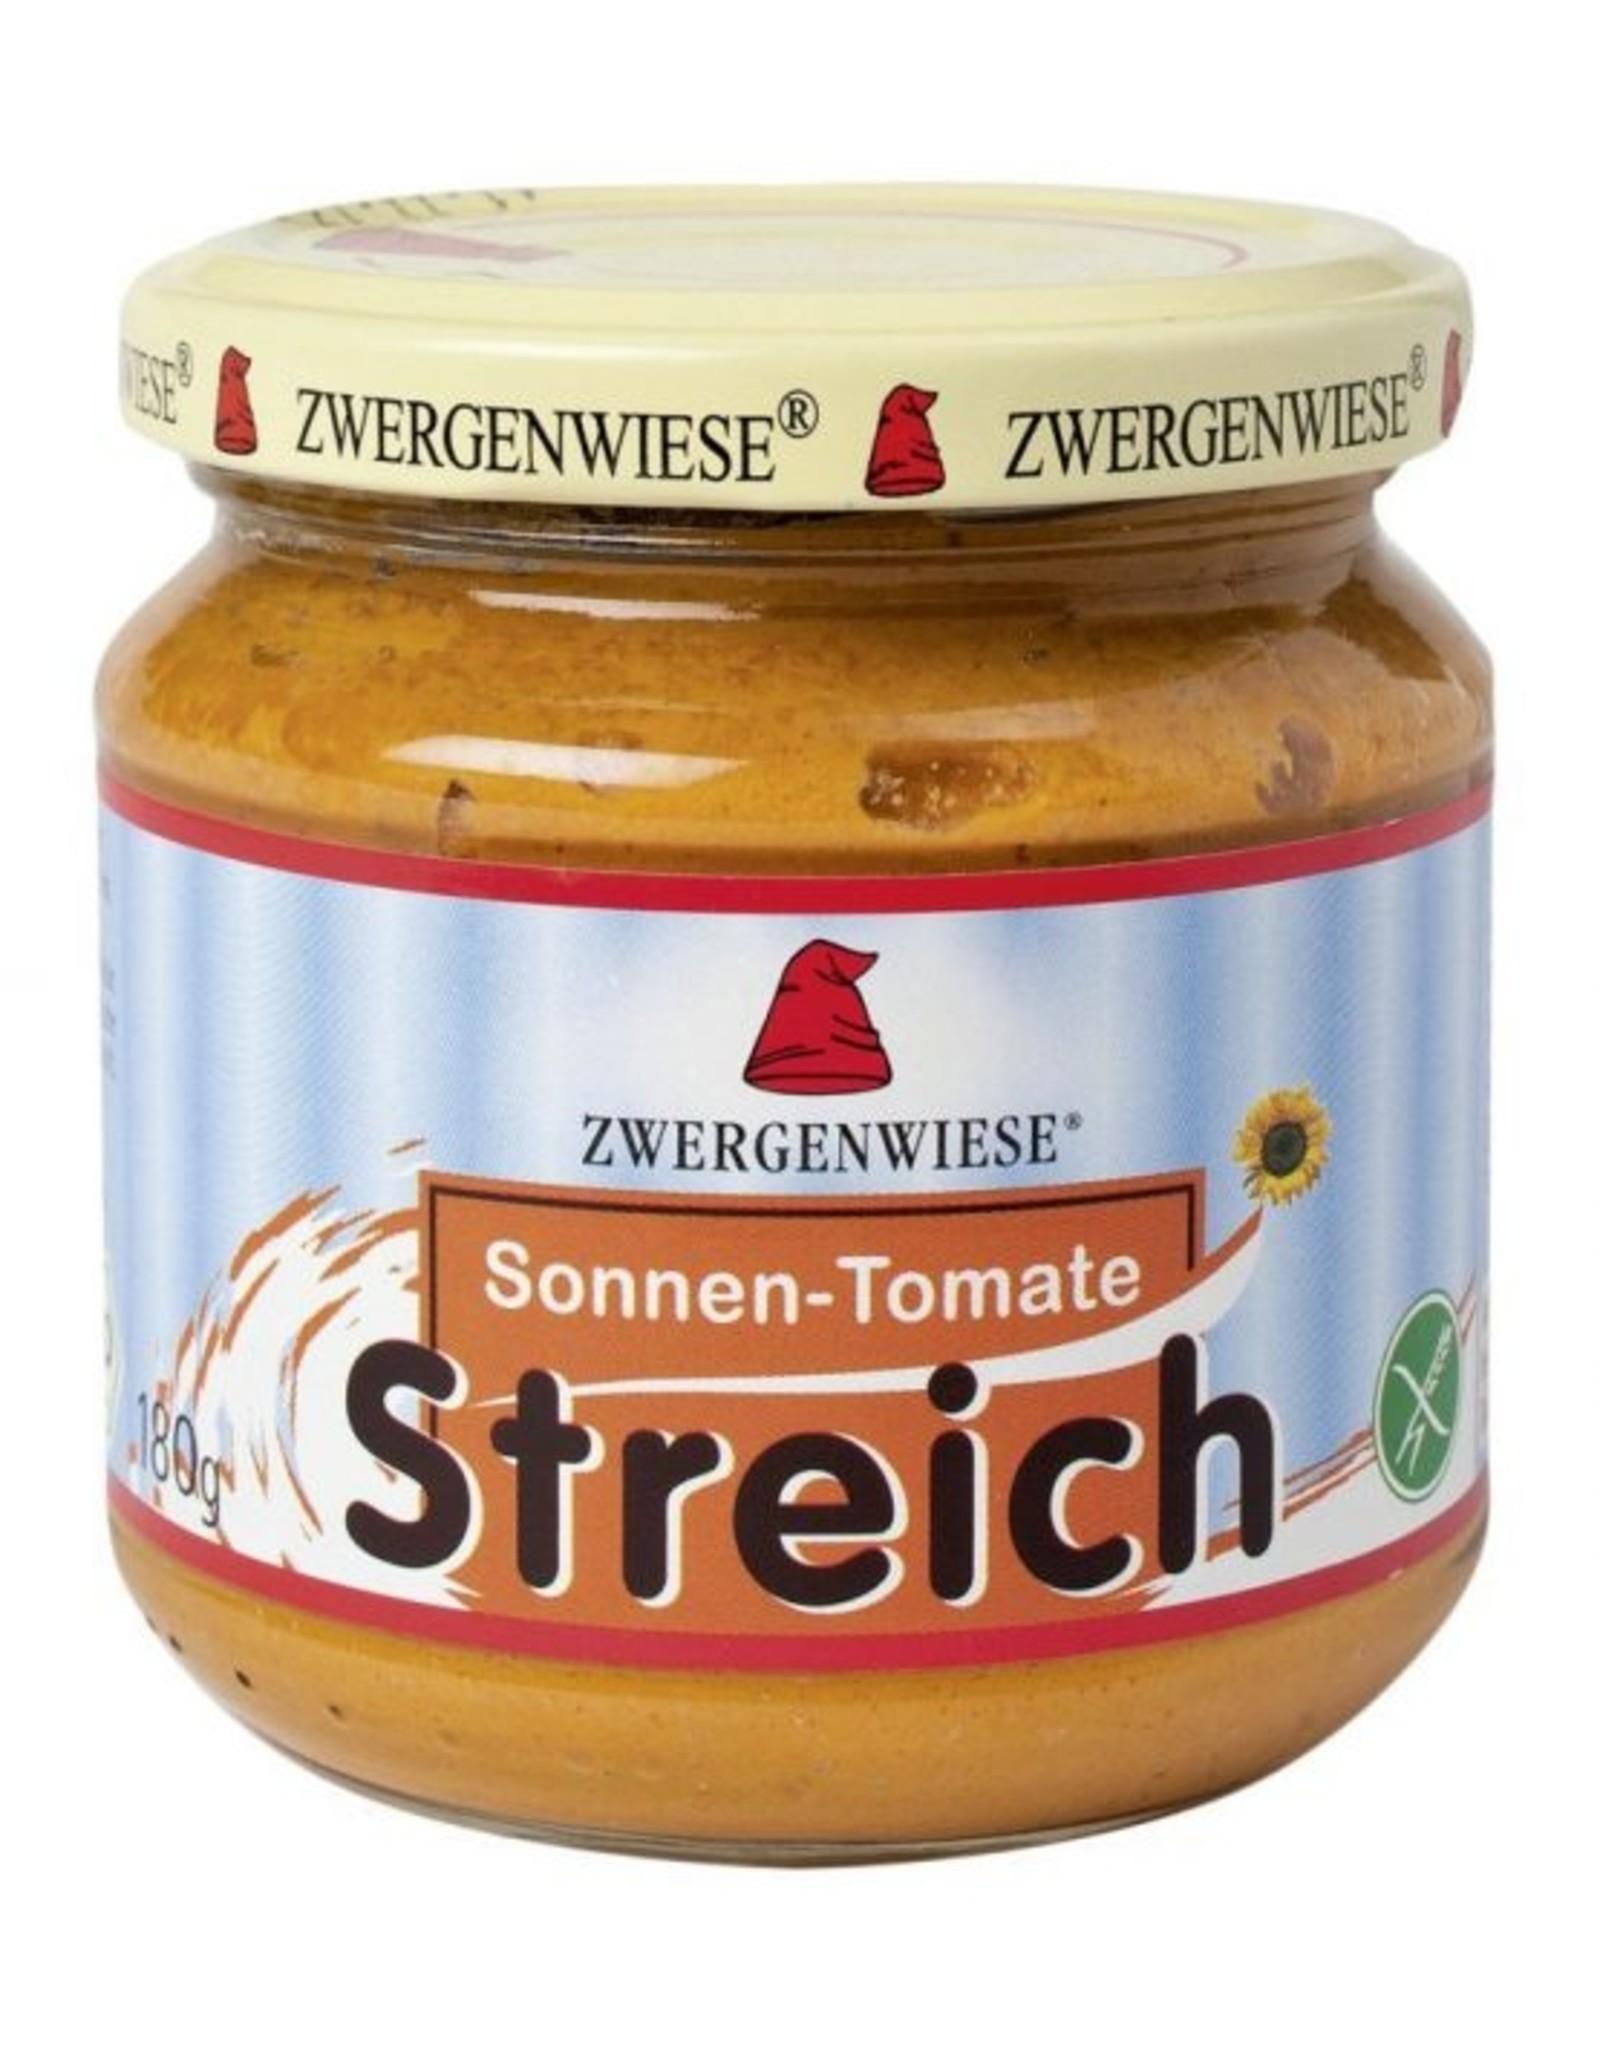 ZWERGENWIESE Sonnen-Tomate Streich, 180g